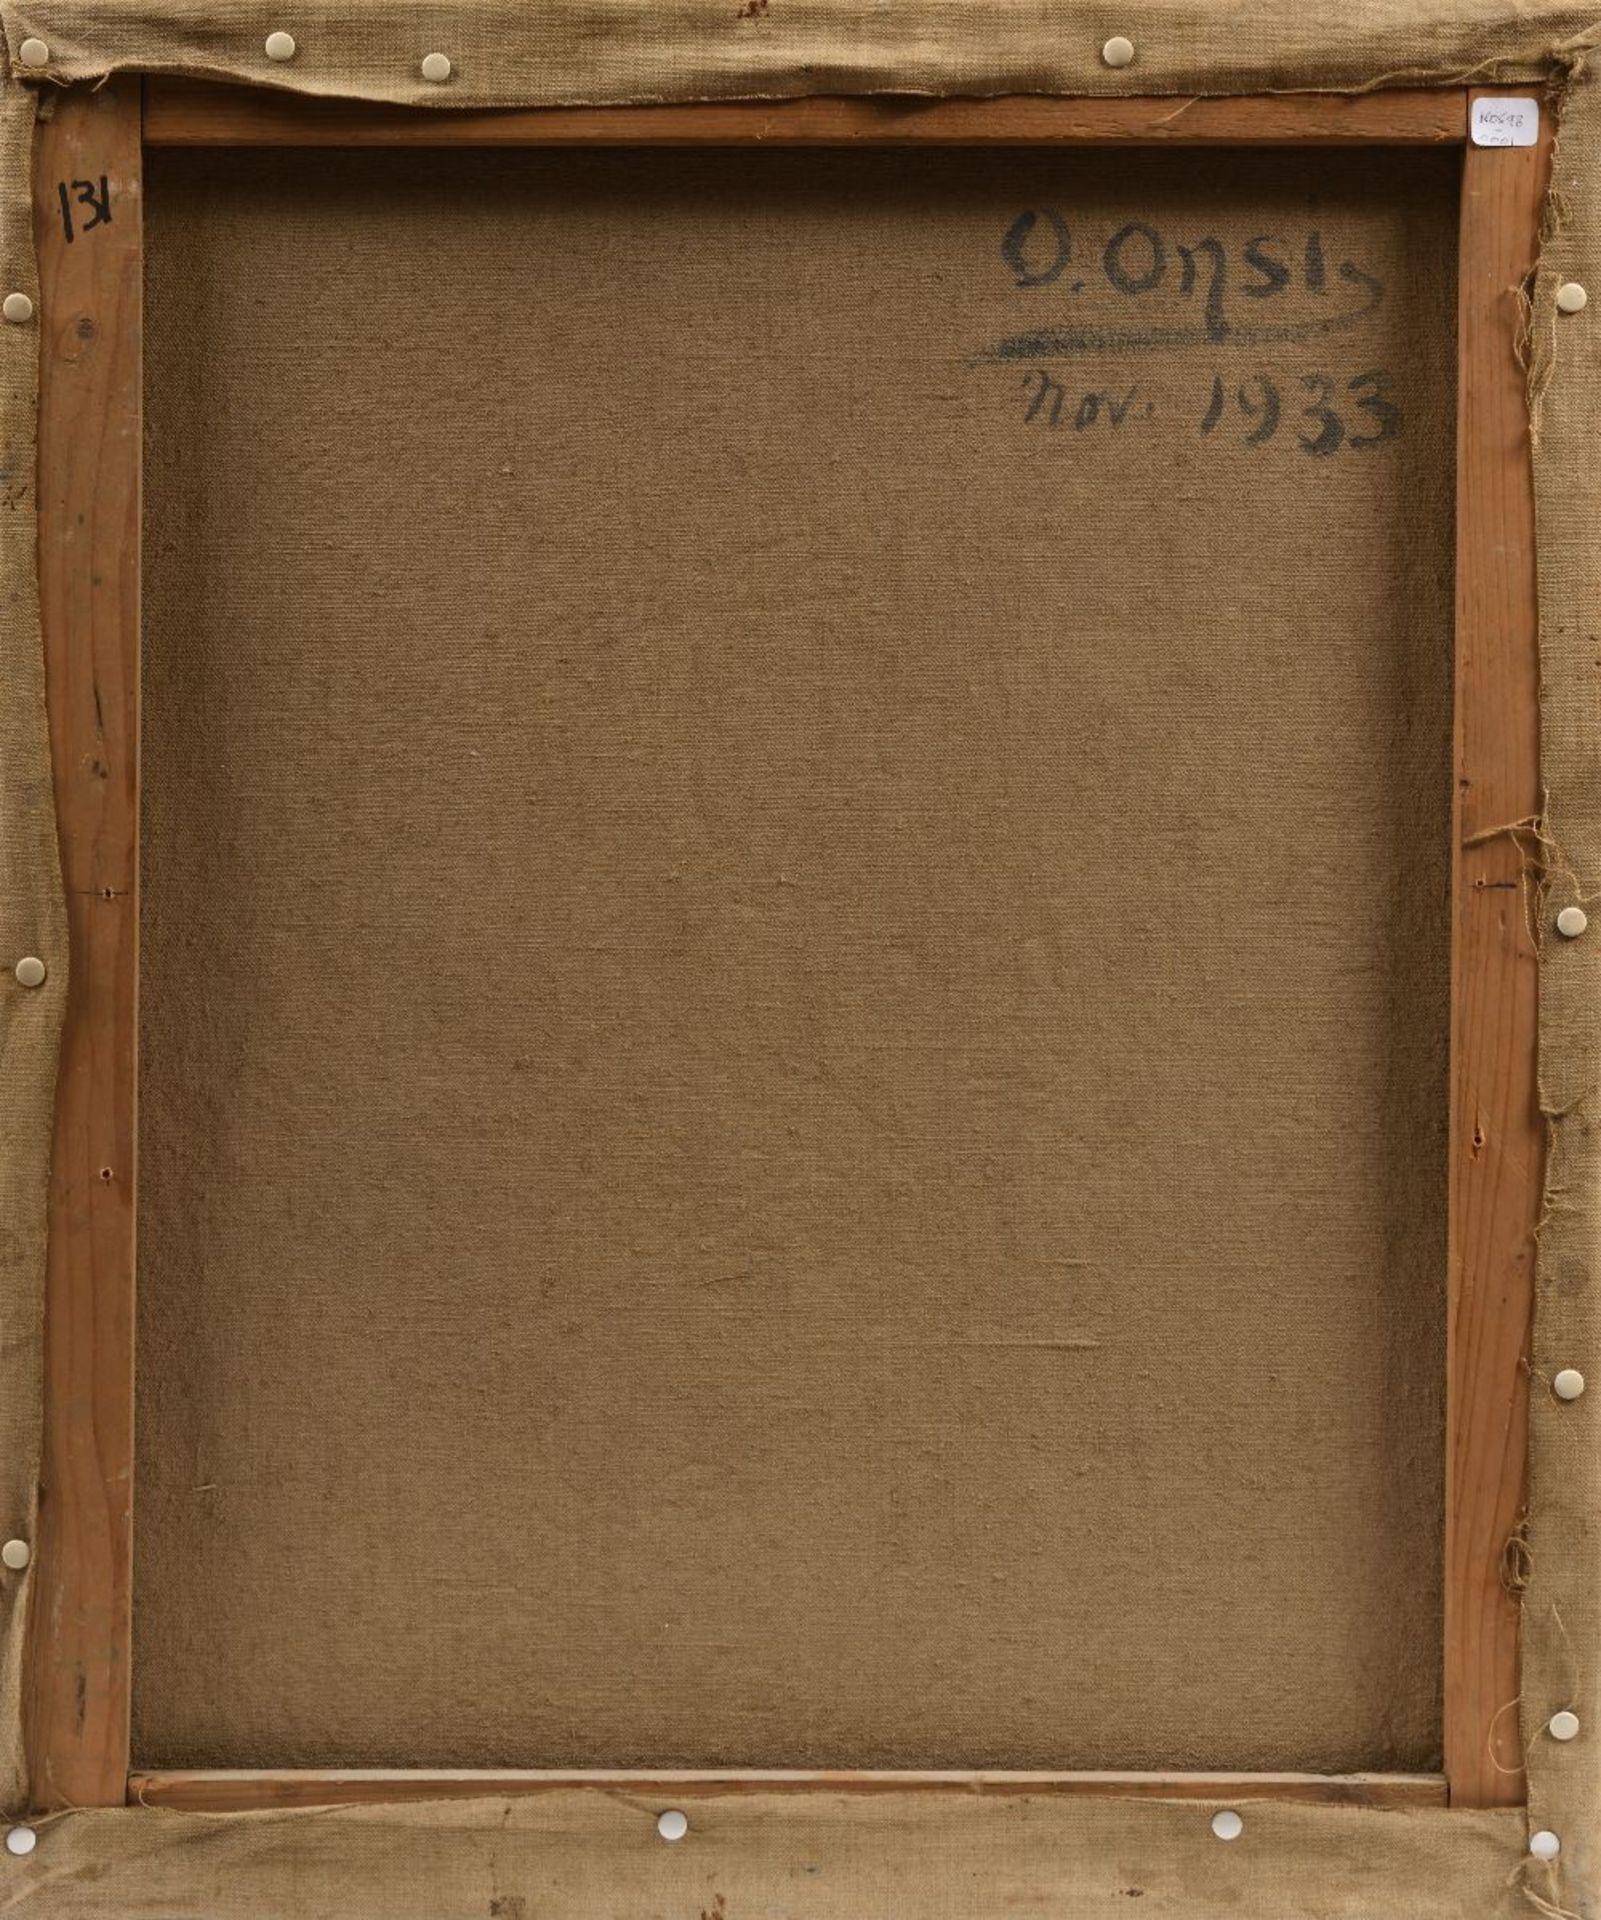 Omar ONSI (Tallet Al-Khayat 1901 - Beyrouth 1969)Portrait de femme, 1933Huile sur toile 54,5 x 65 cm - Image 2 of 2